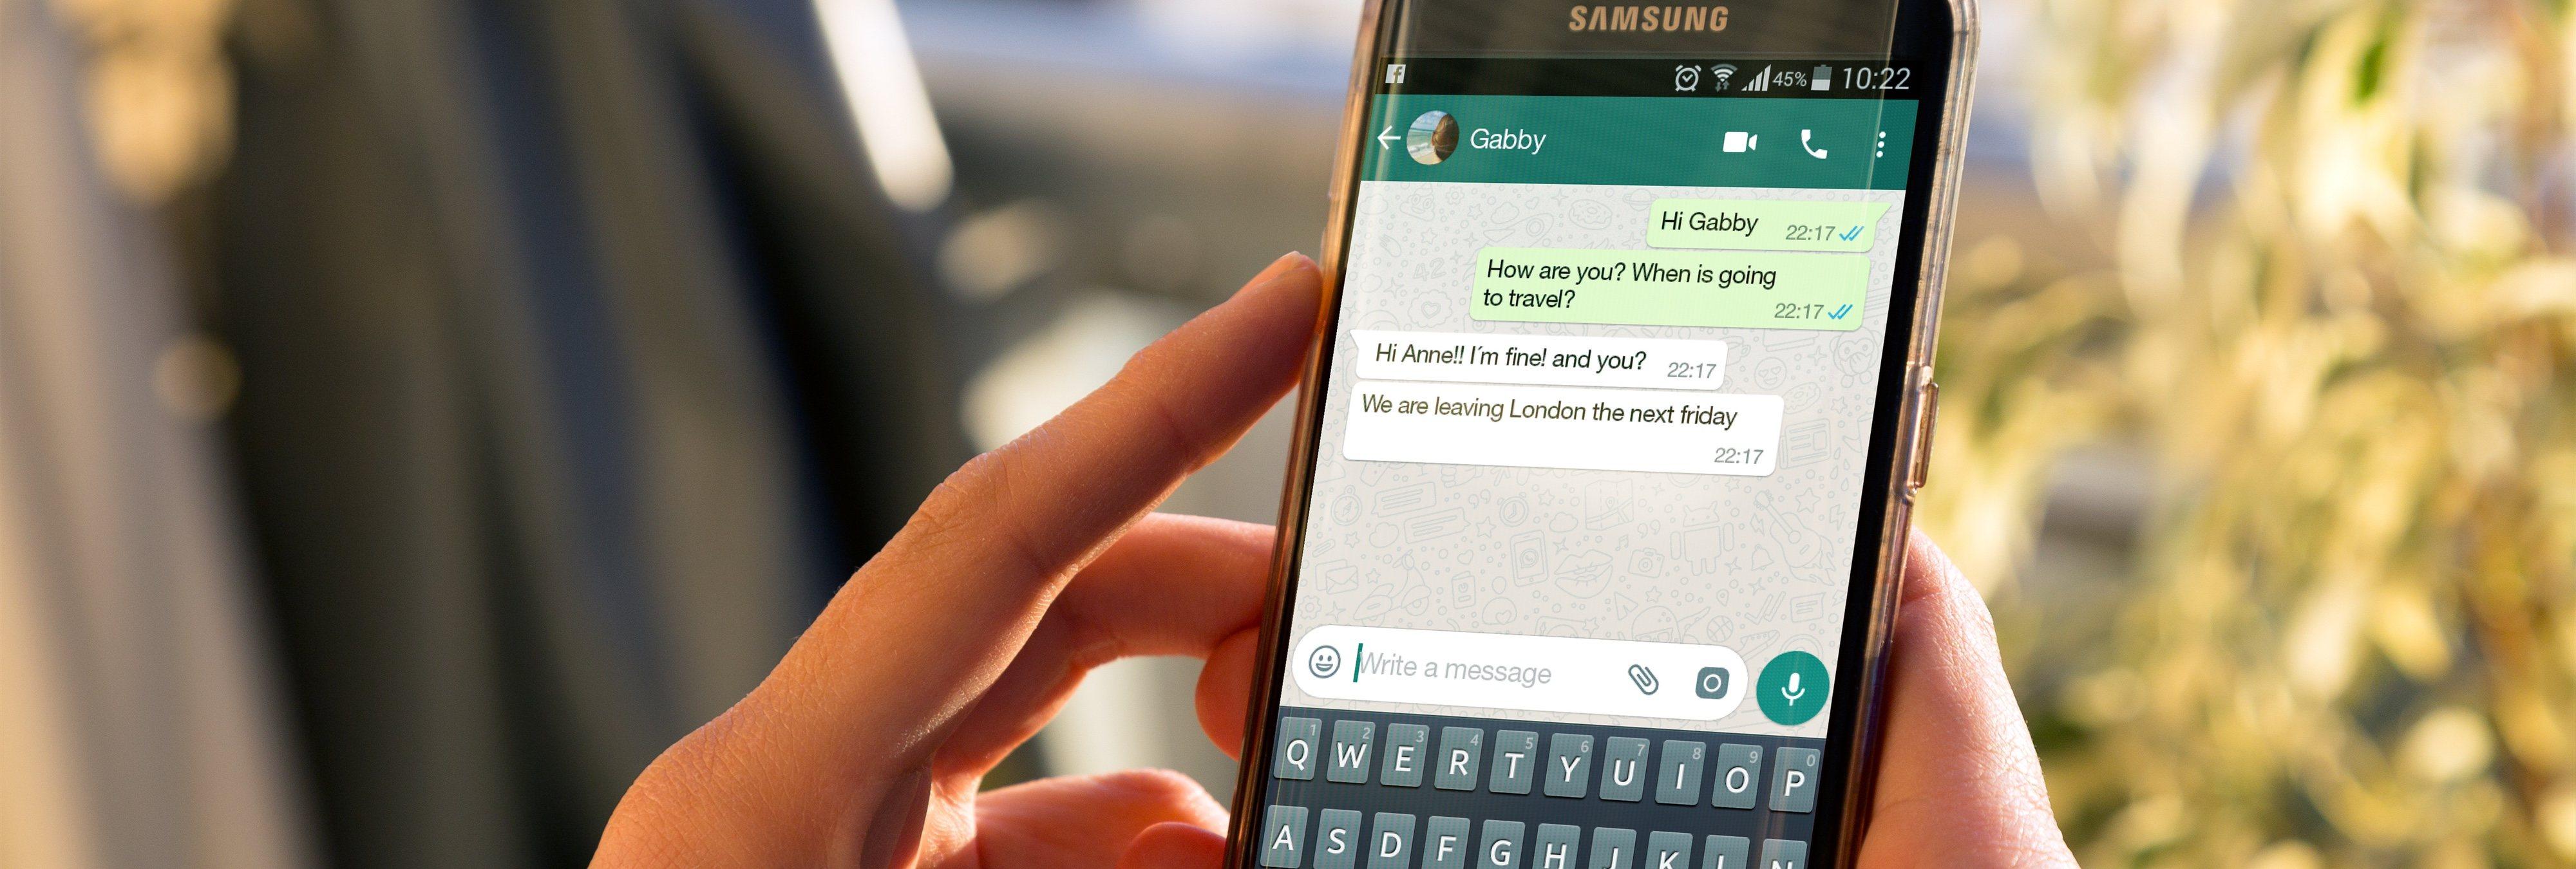 Esta app hace una fotografía a la persona que abre tus WhatsApp sin tu permiso